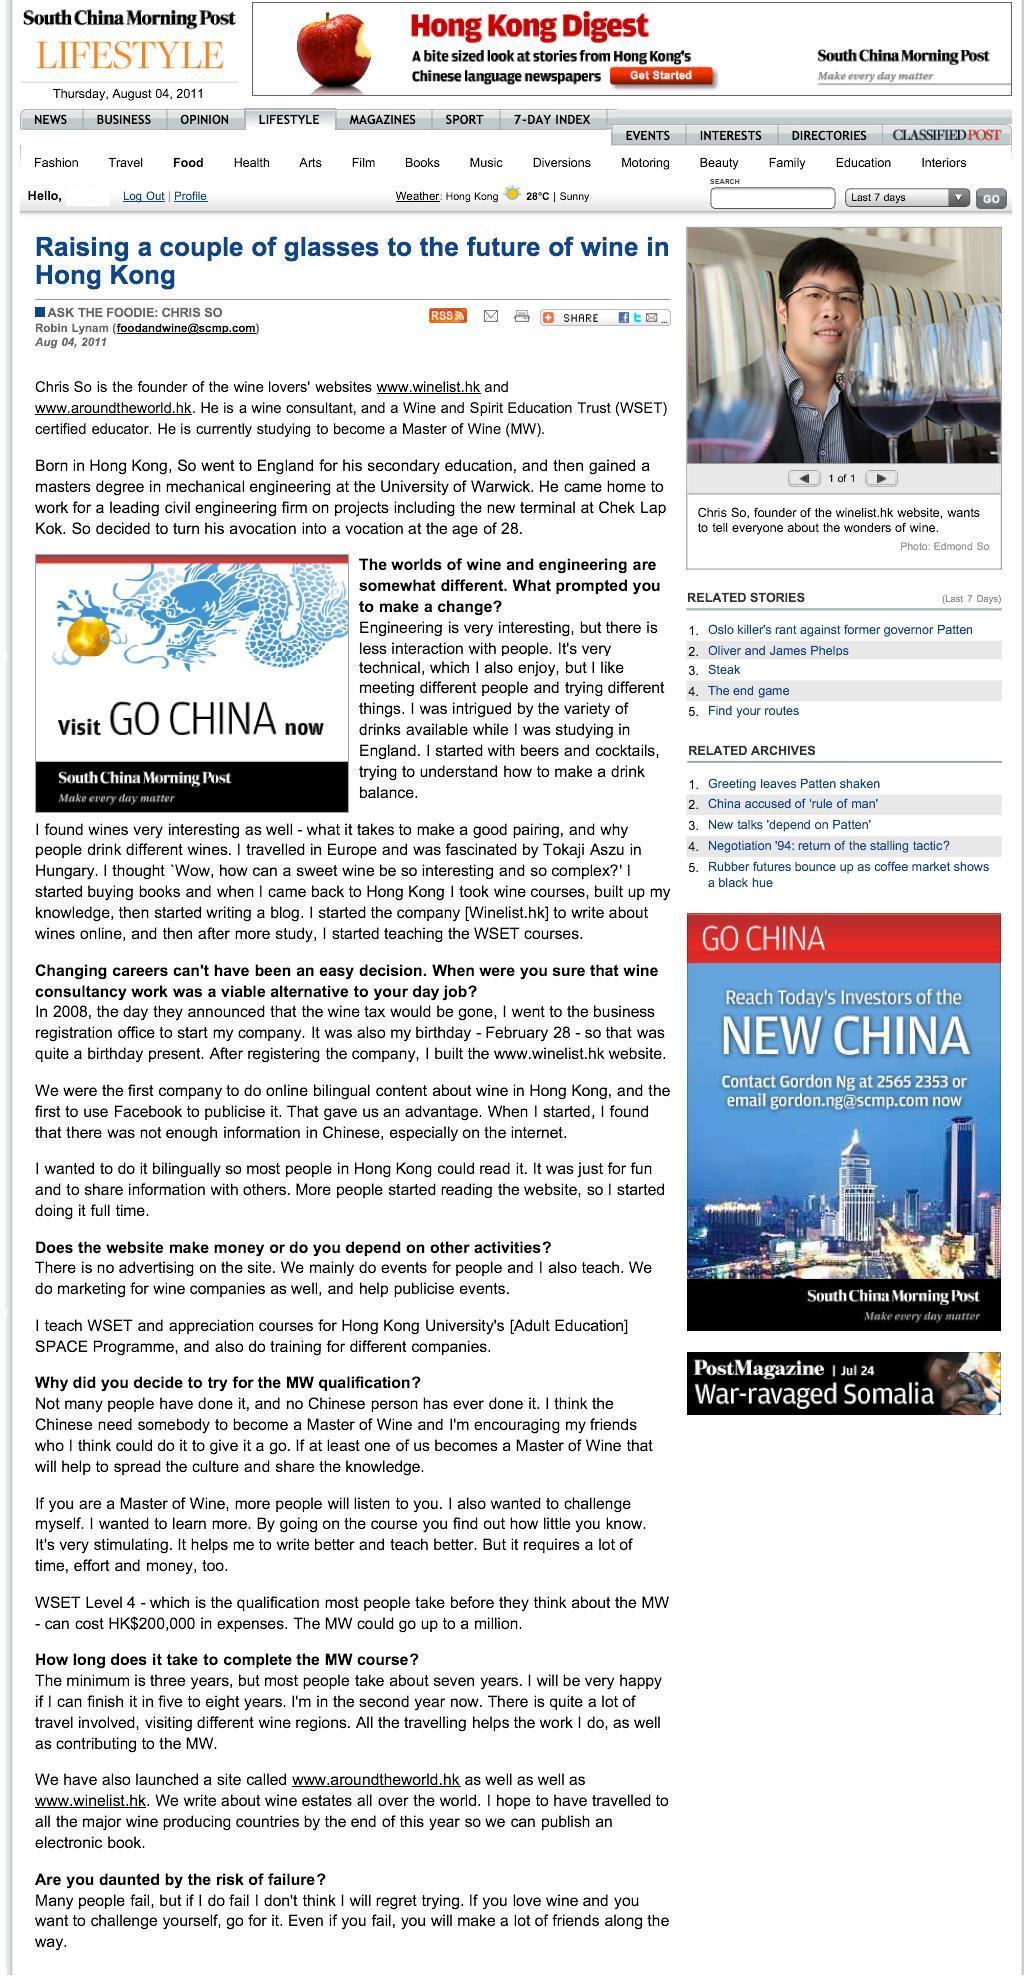 南華早報訪問 WINELIST.HK featured at South China Morning Post (4-8-2011 Lifestyle: Food)